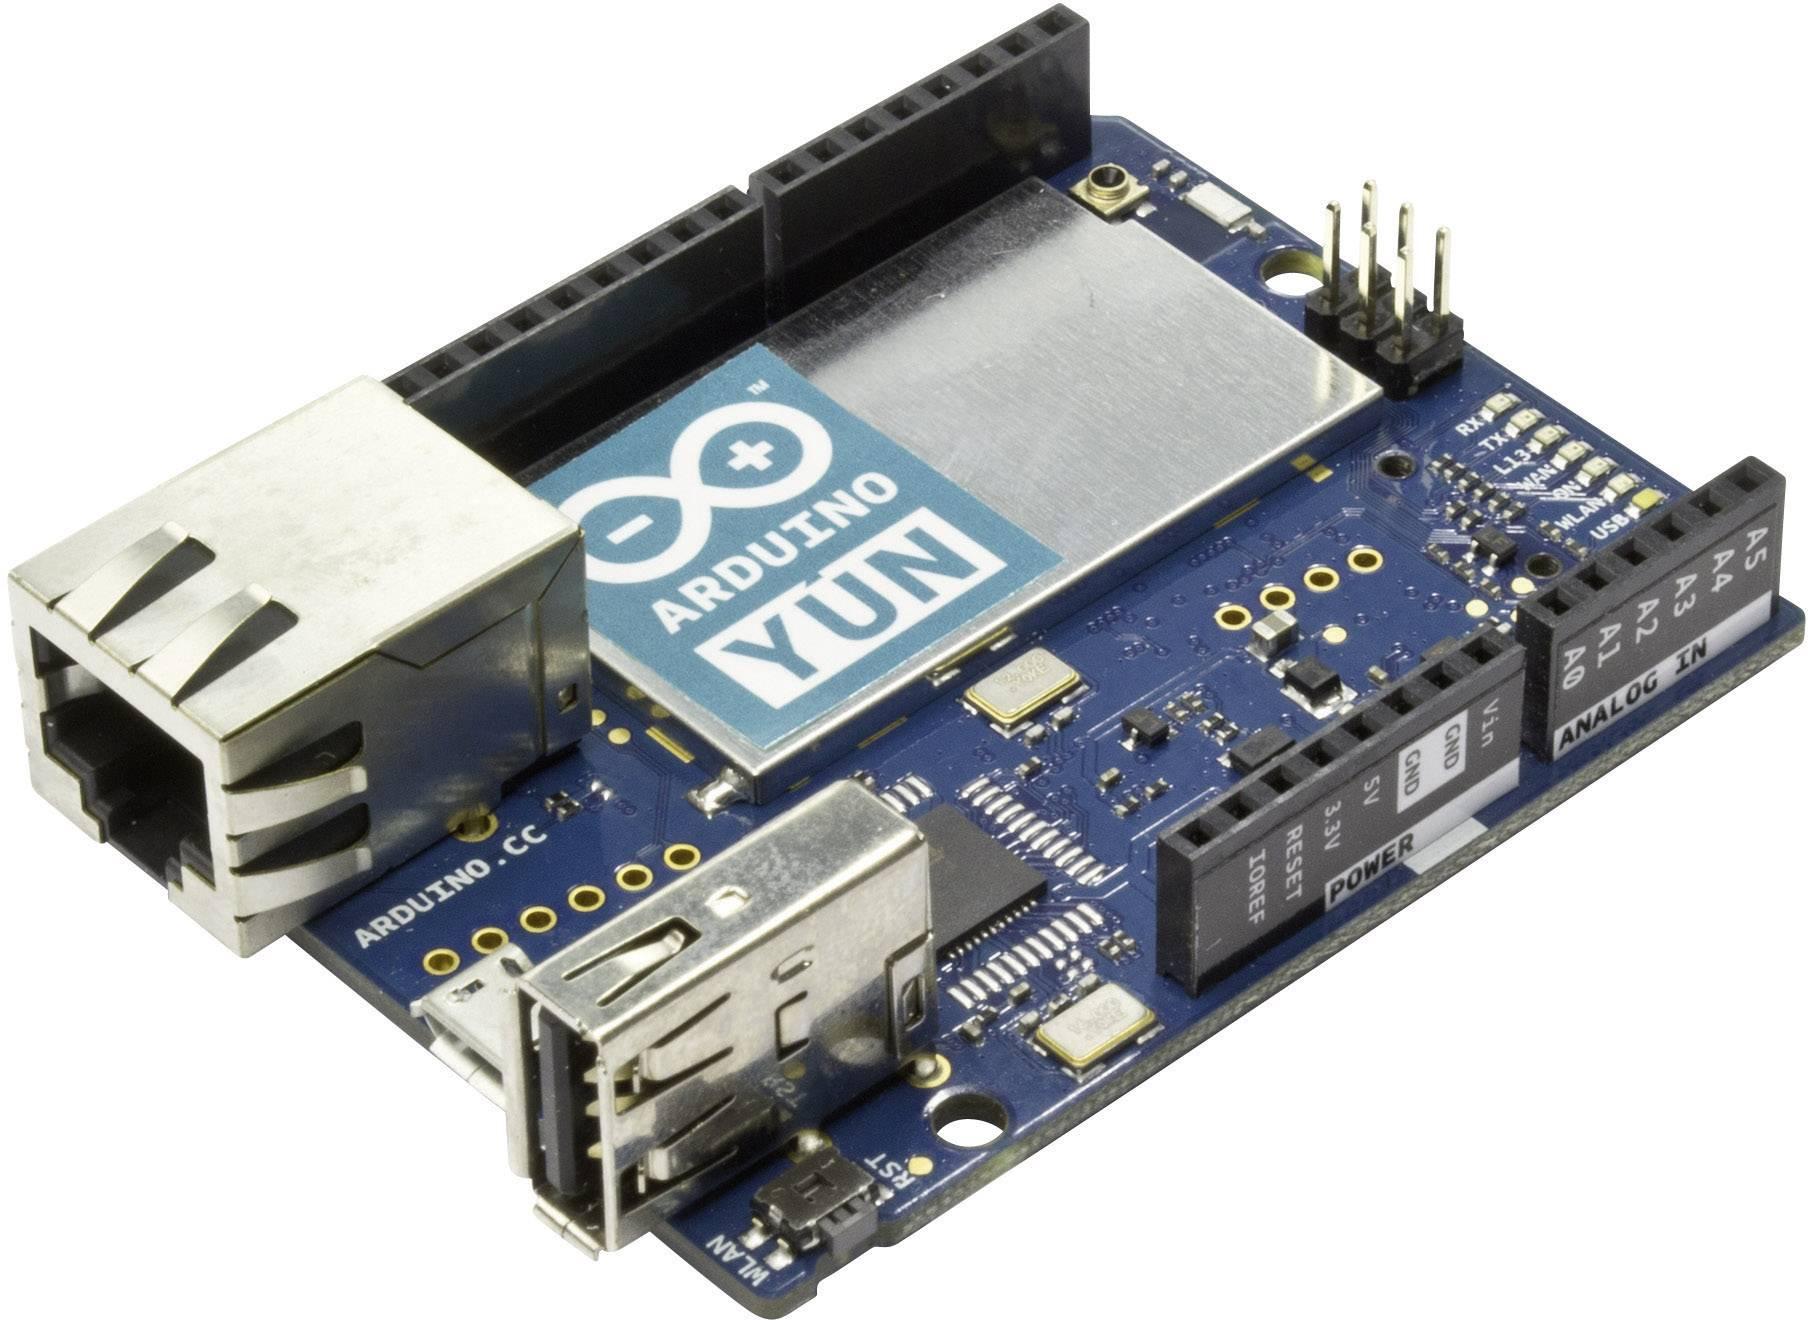 Doska Arduino Yun A000008 A000008, ATMega32, Ethernet, SD karta